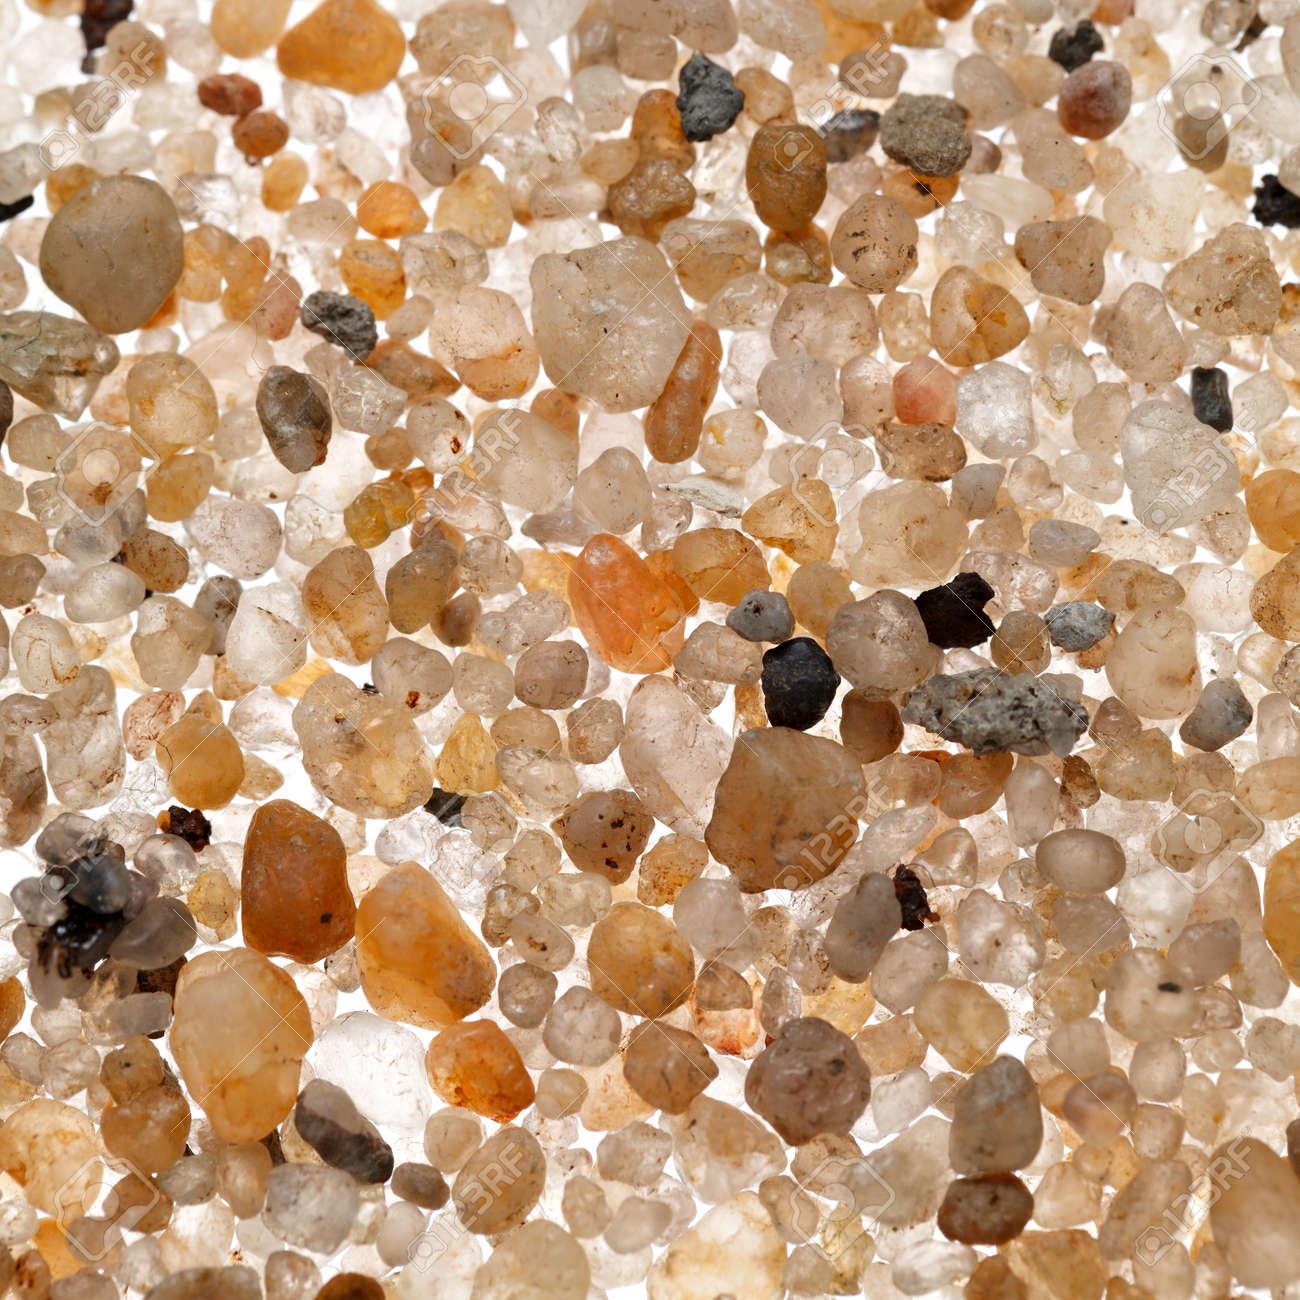 Top Cristalli Di Sabbia Di Mare Di Grandi Dimensioni Foto Royalty Free  PK32